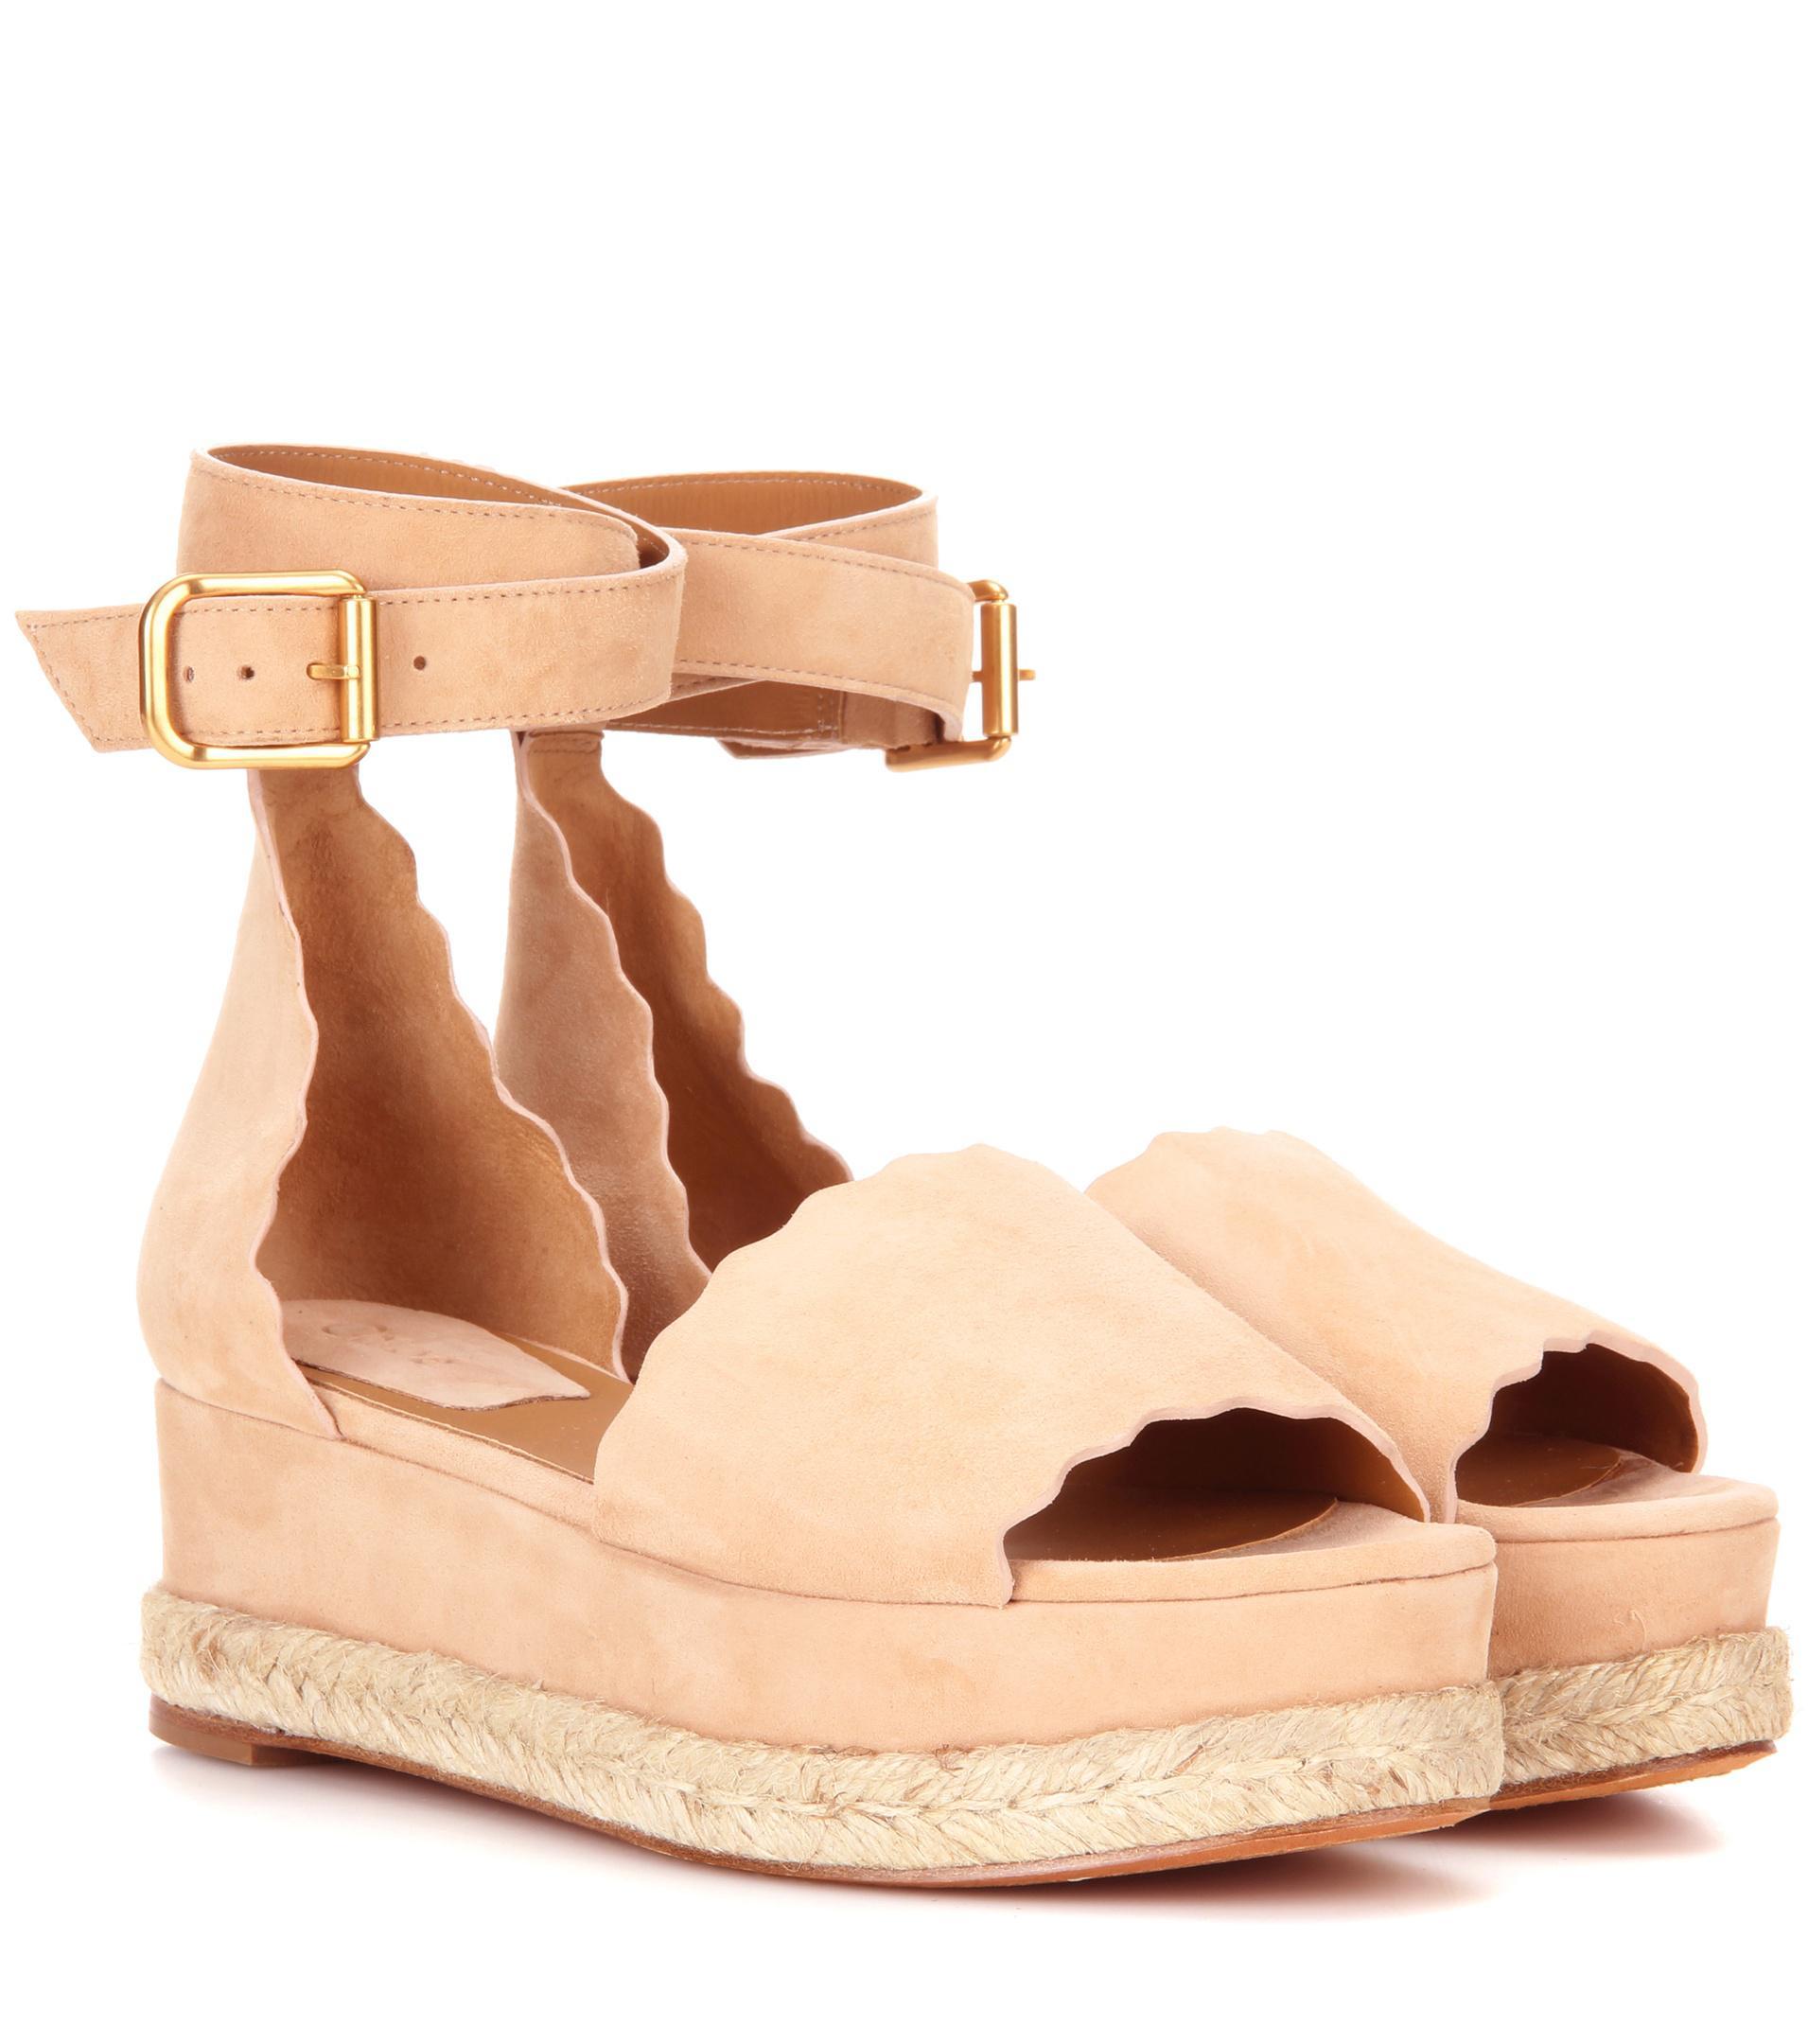 3c601197ea46 Lyst - Chloé Lauren Platform Suede Sandals